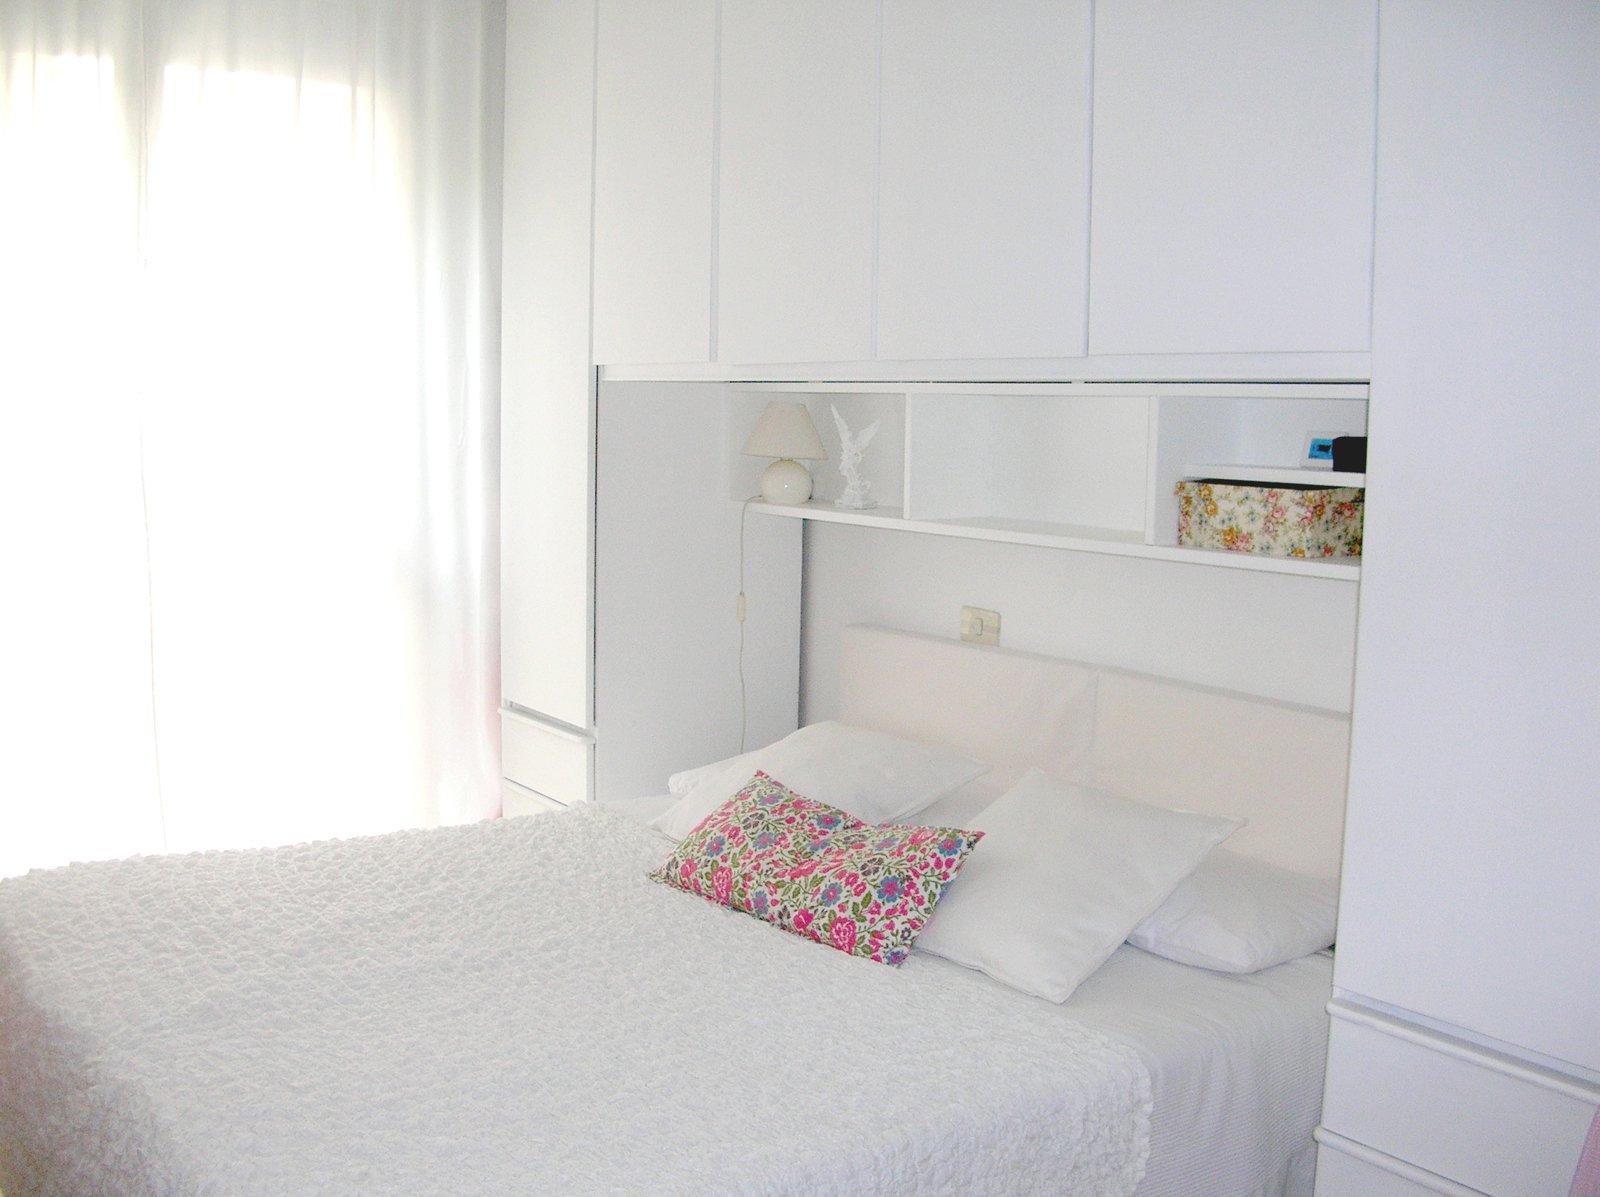 Rinnovare Mobili Camera Da Letto : La camera da letto si fa nuova con un tocco di bianco cose di casa